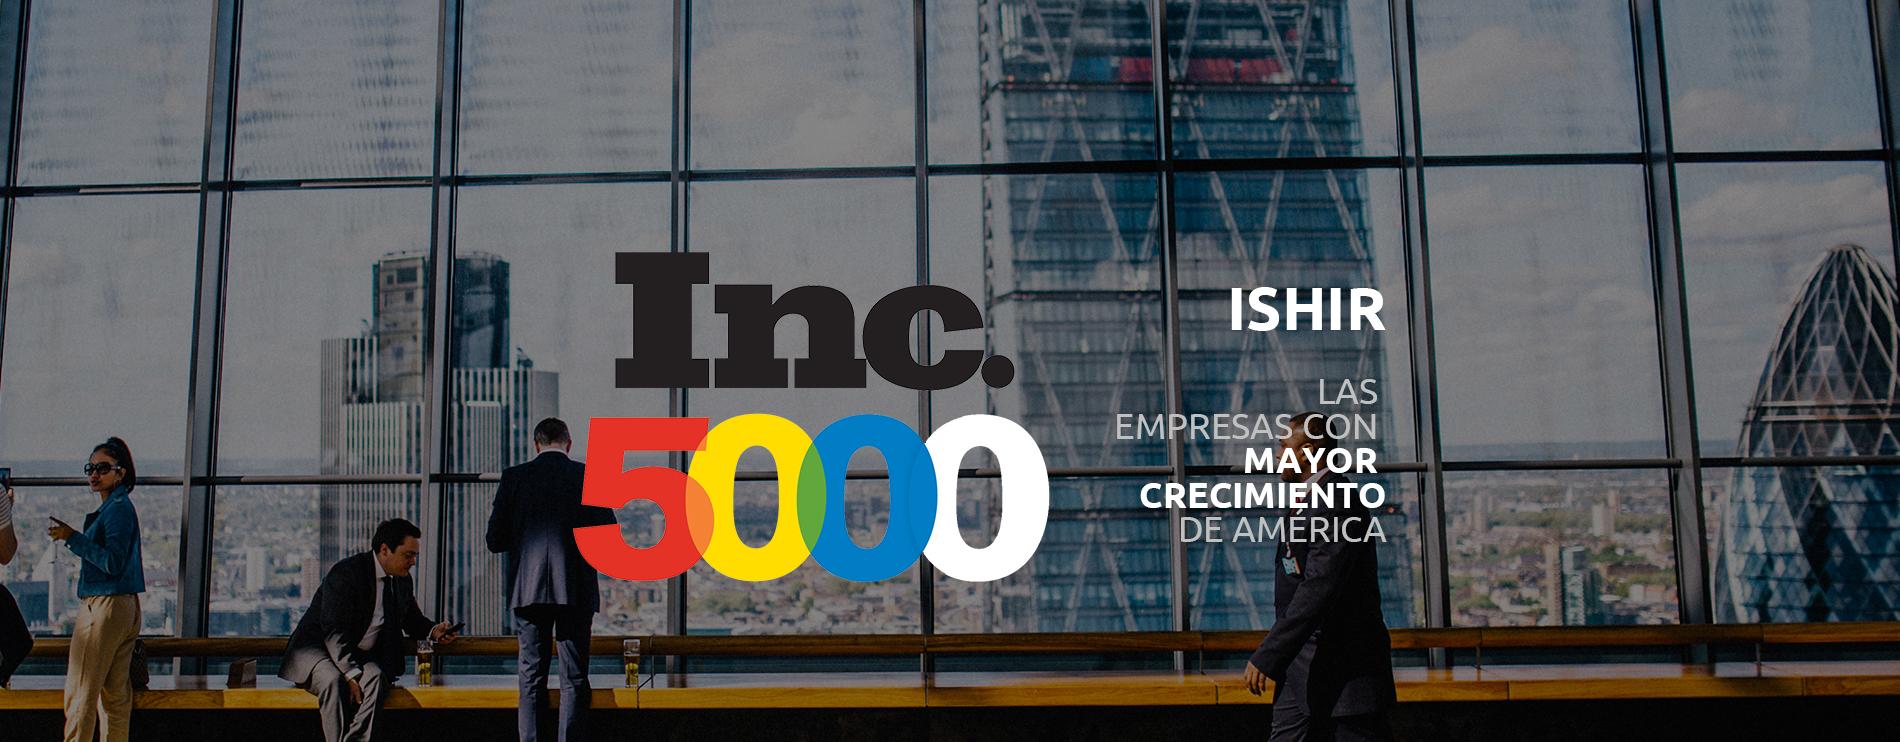 ISHIR - Una empresa Inc 5000